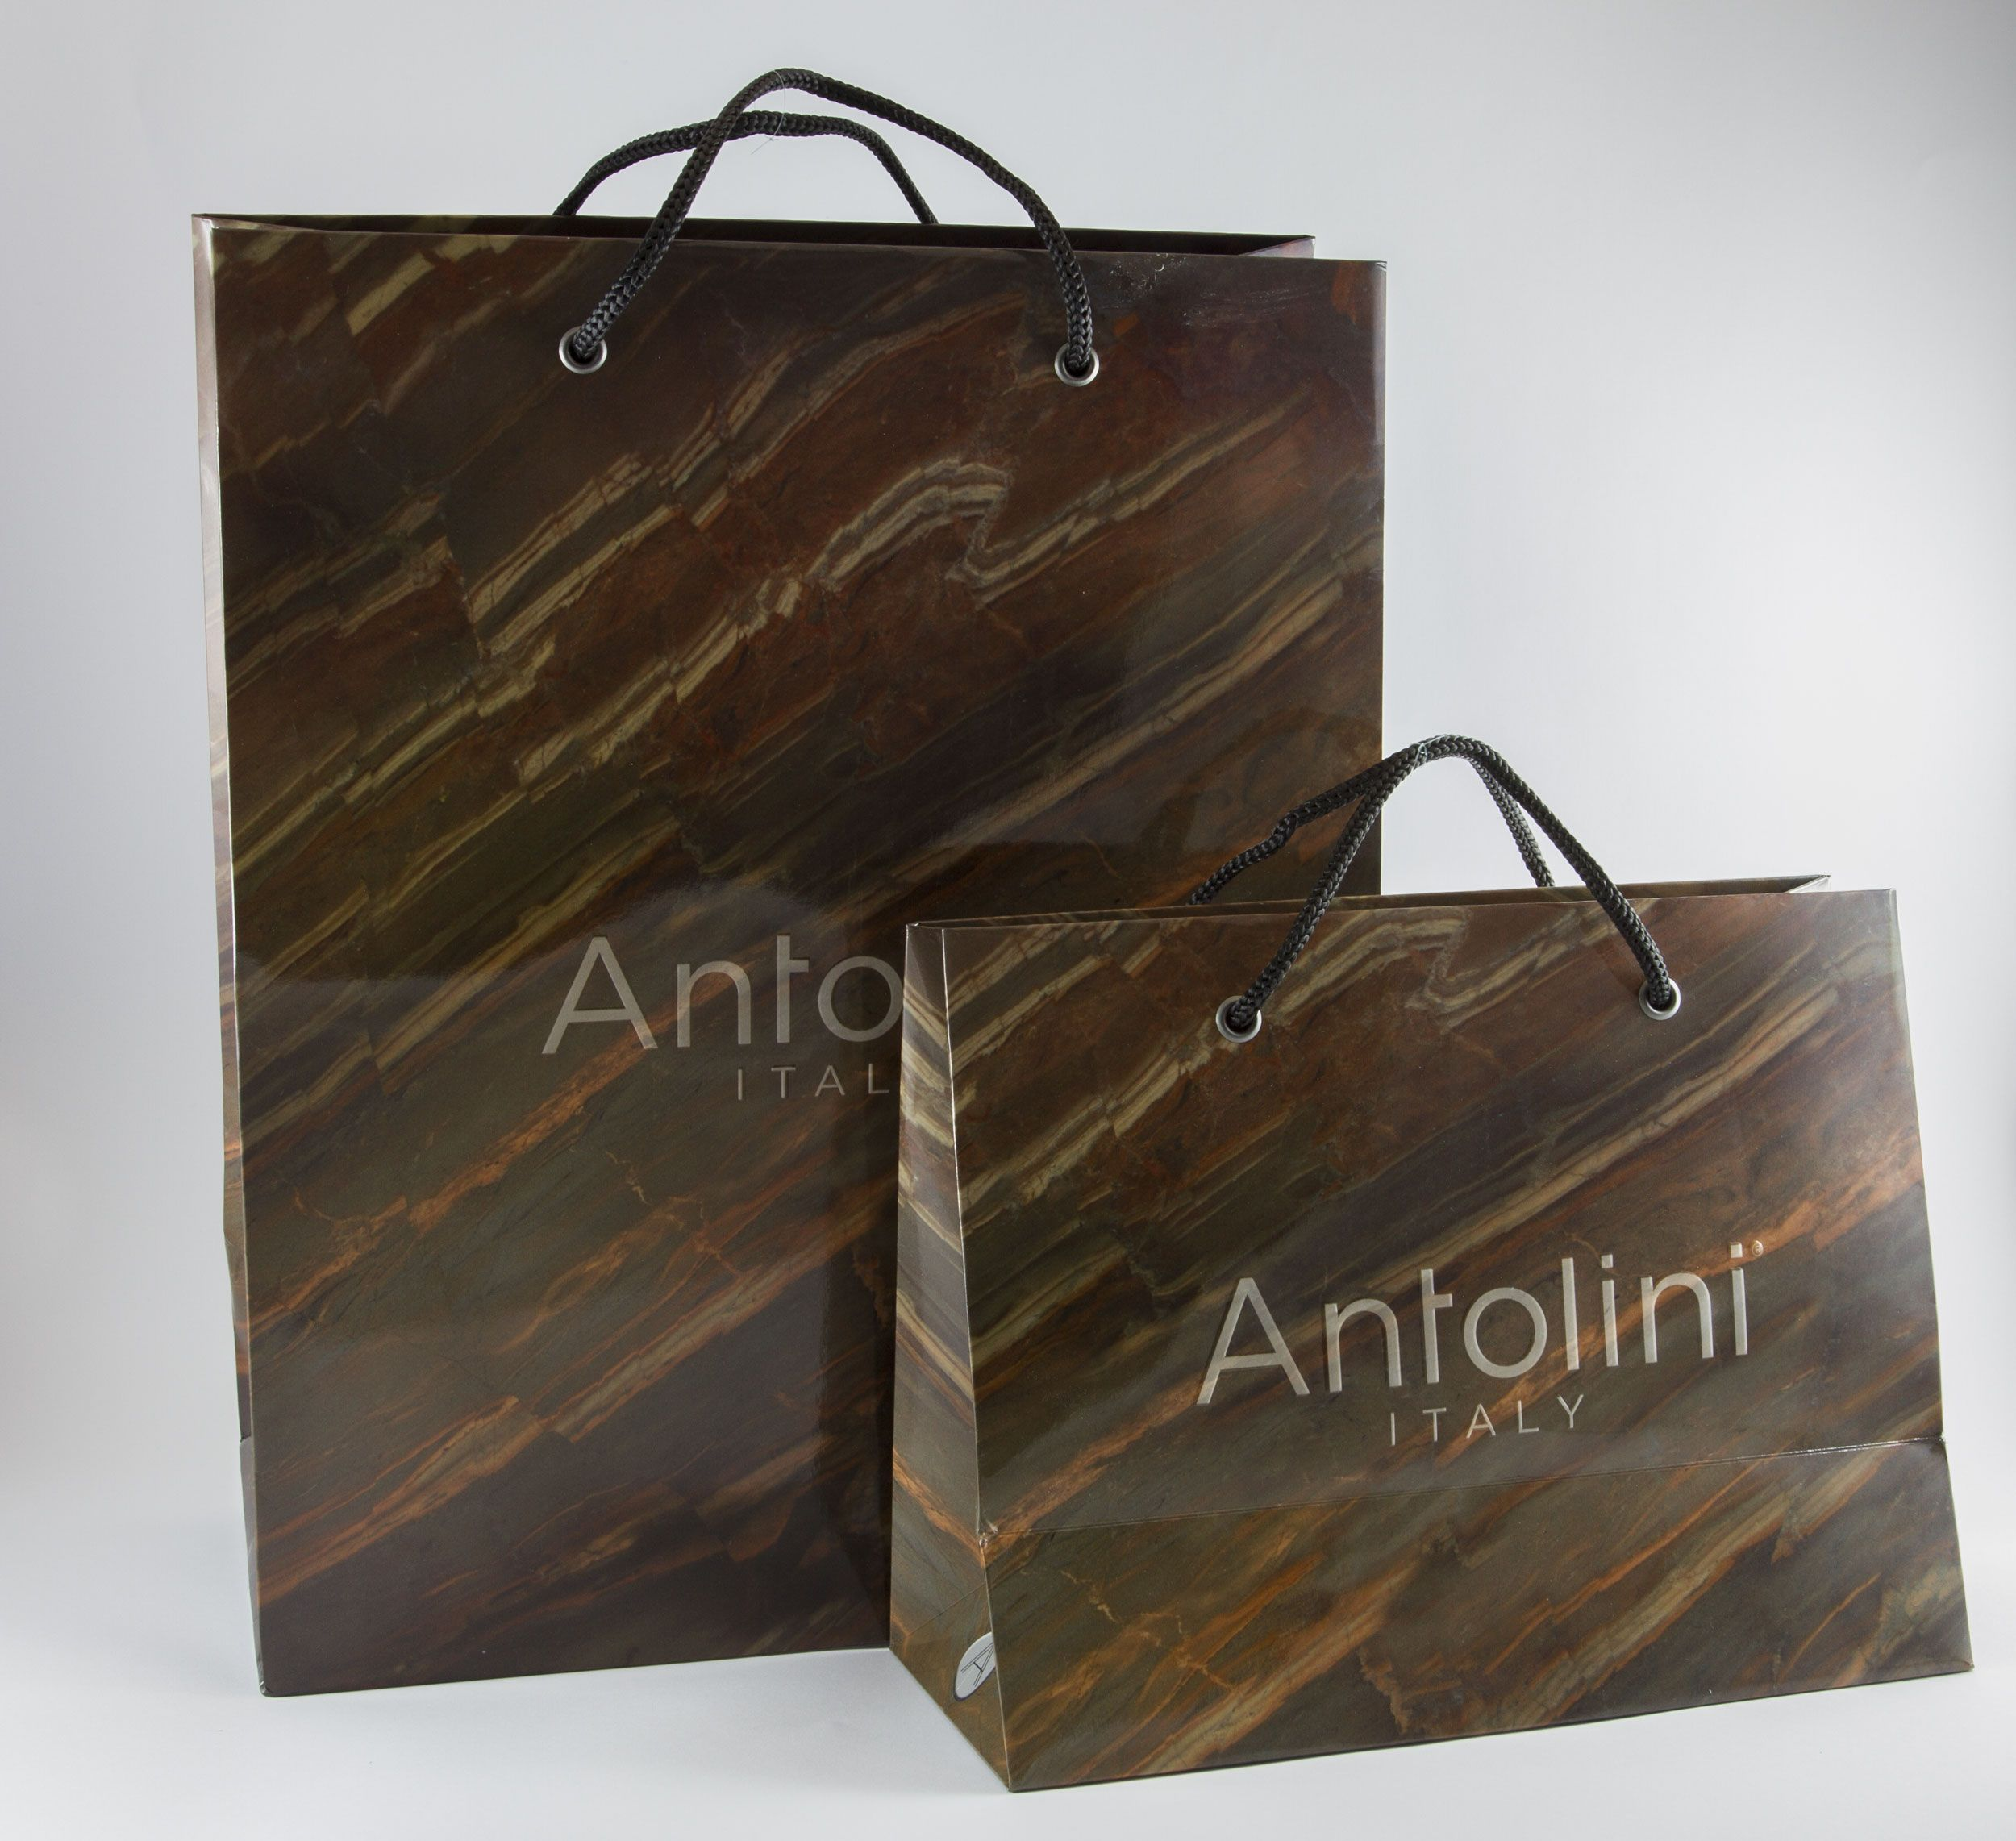 Borse di carta personalizzate. #stampa #produzione #borse #carta #shoppingbags #shopper #personalizzate